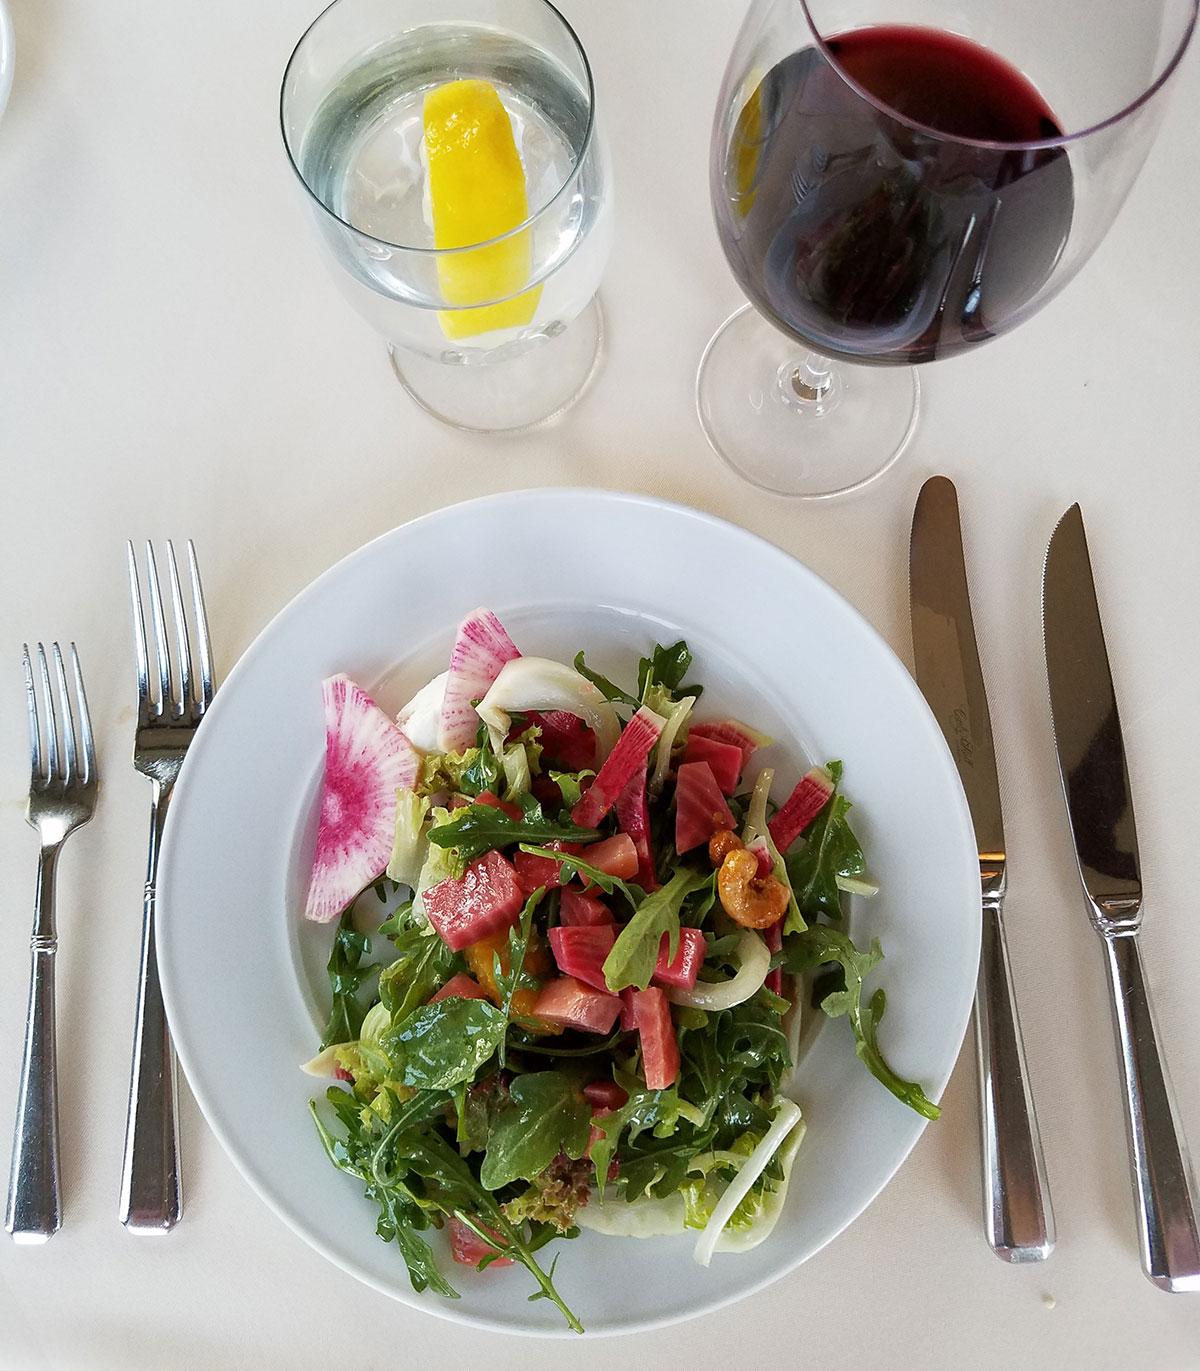 Lolas-on-the-lake-salad